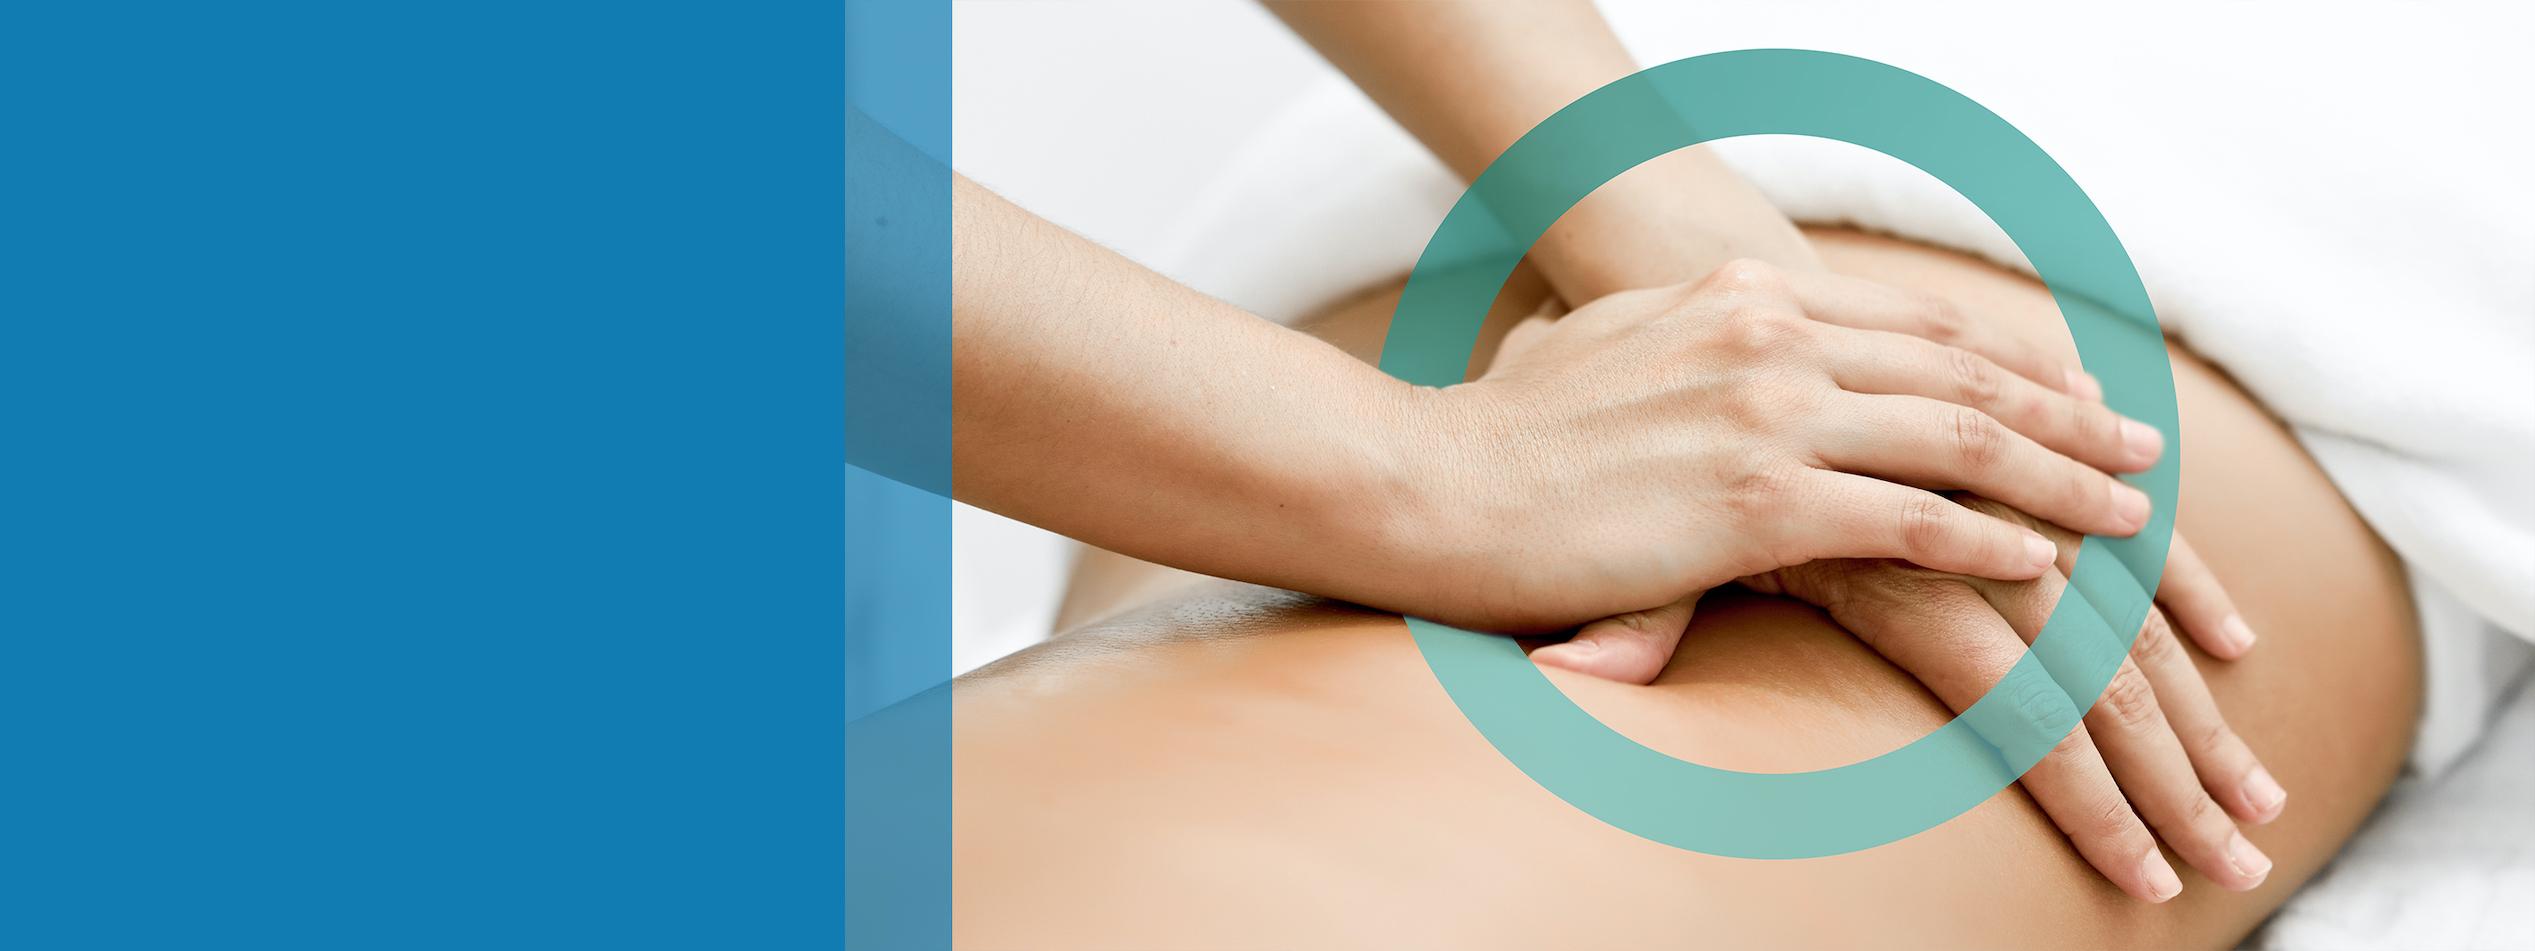 Mani che fanno un massaggio alla schiena di una ragazza